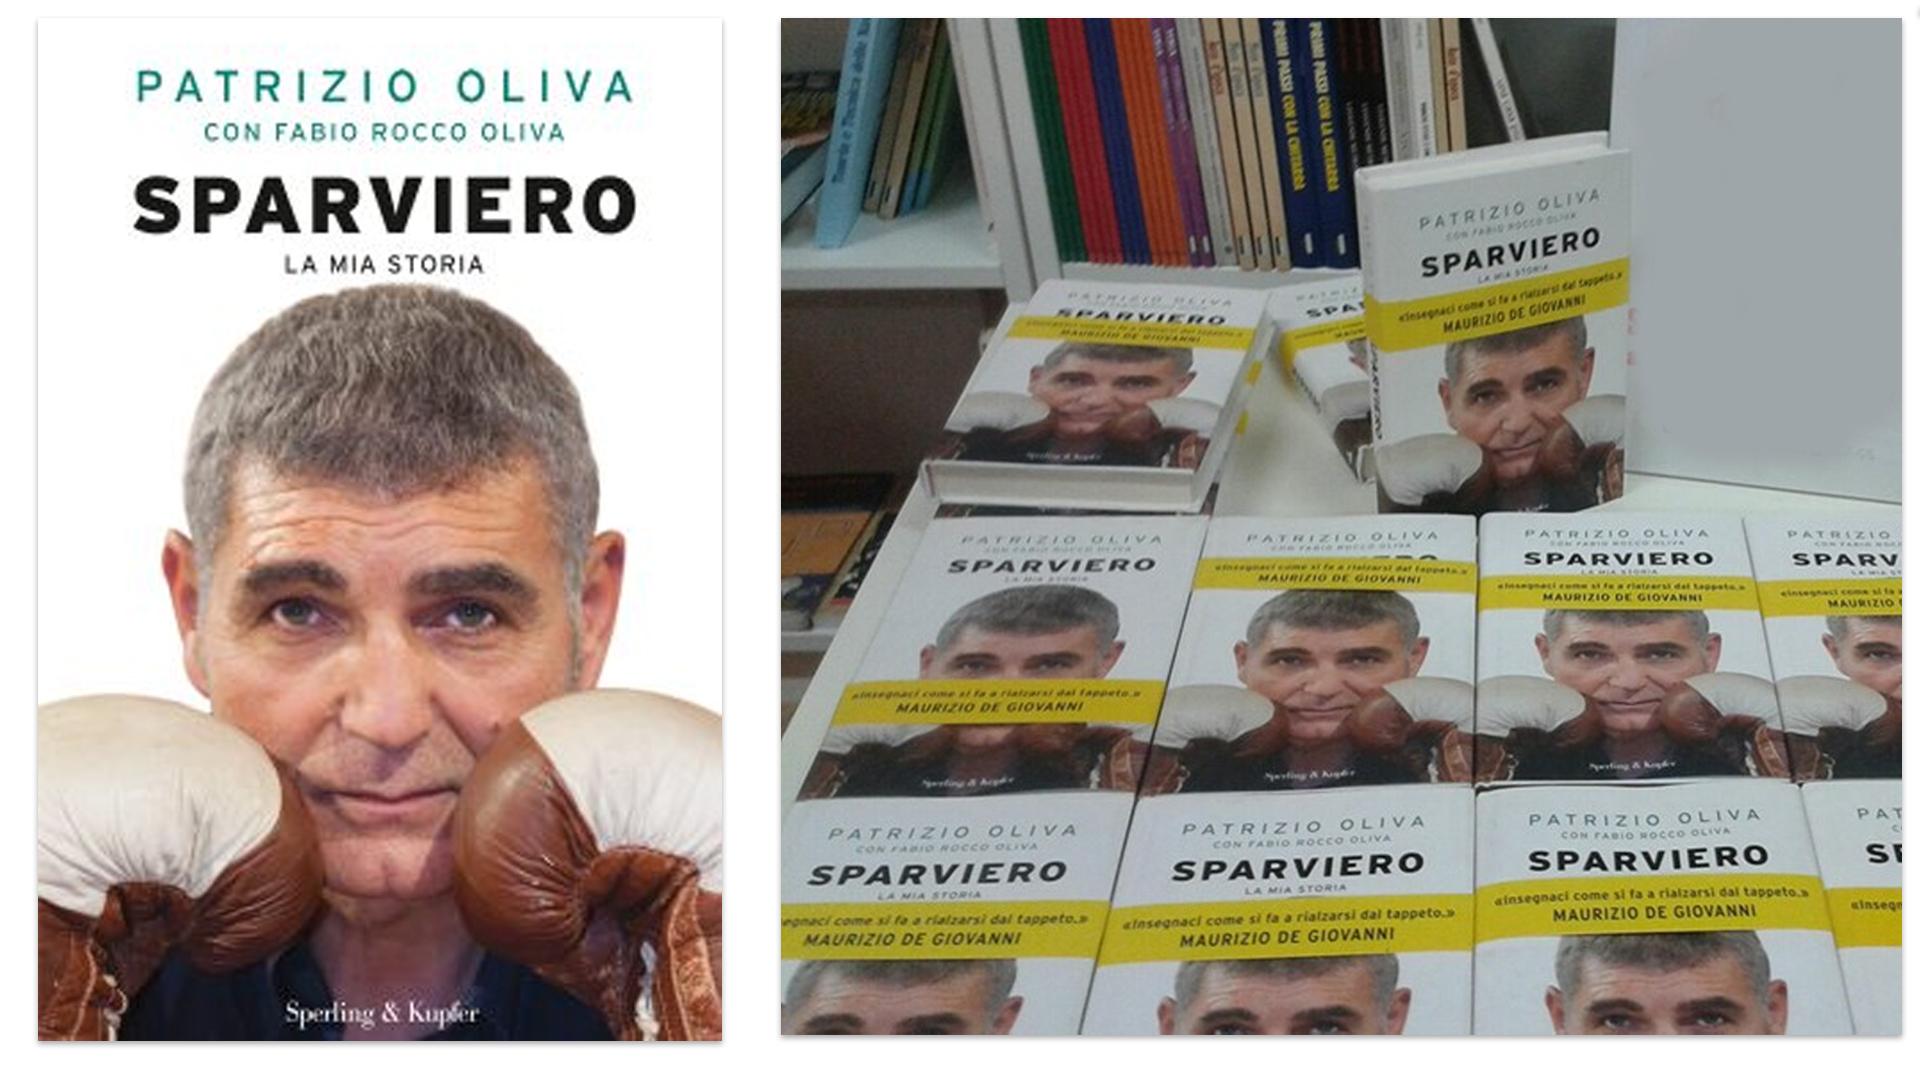 Patrizio Oliva Sparviero La Mia Storia